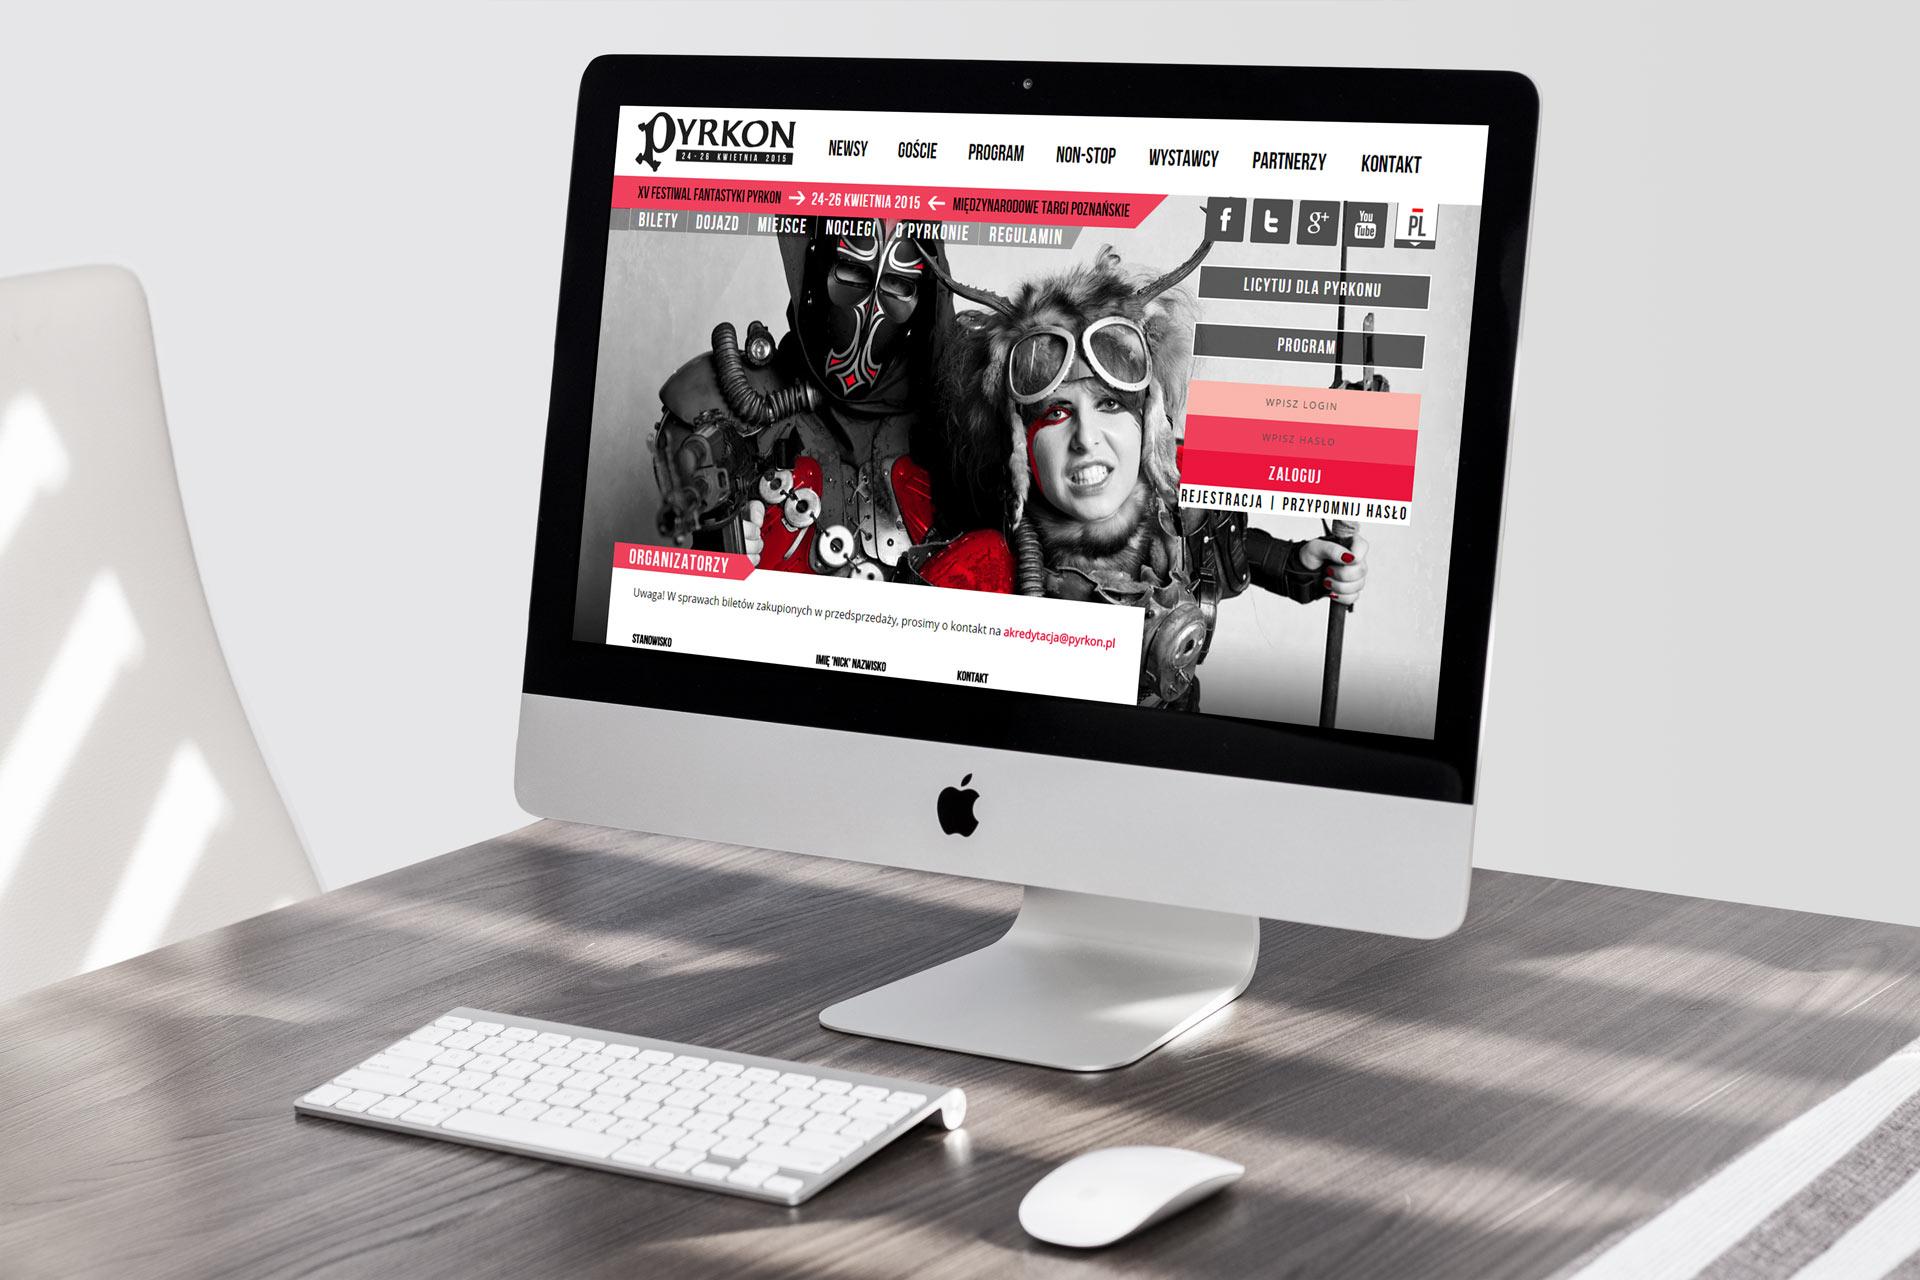 Webdesign strony internetowej festiwalu Pyrkon (do edycji 2015)